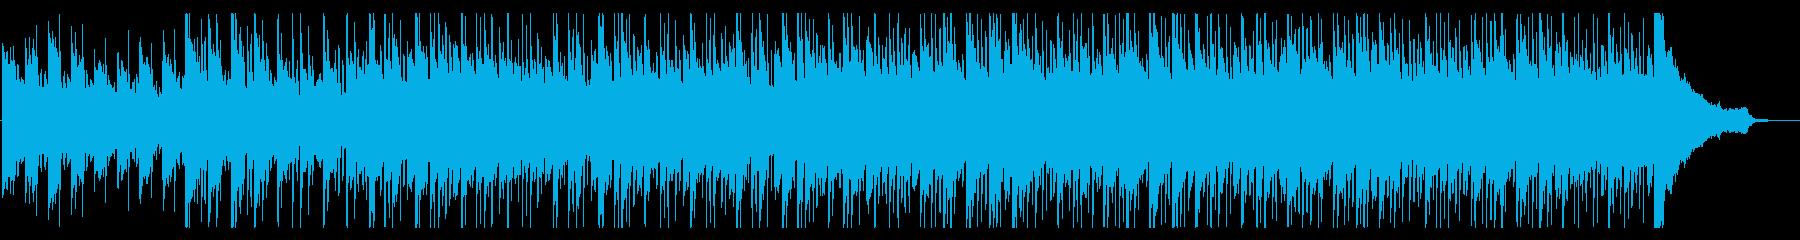 宇宙を感じるおしゃれなピアノの再生済みの波形